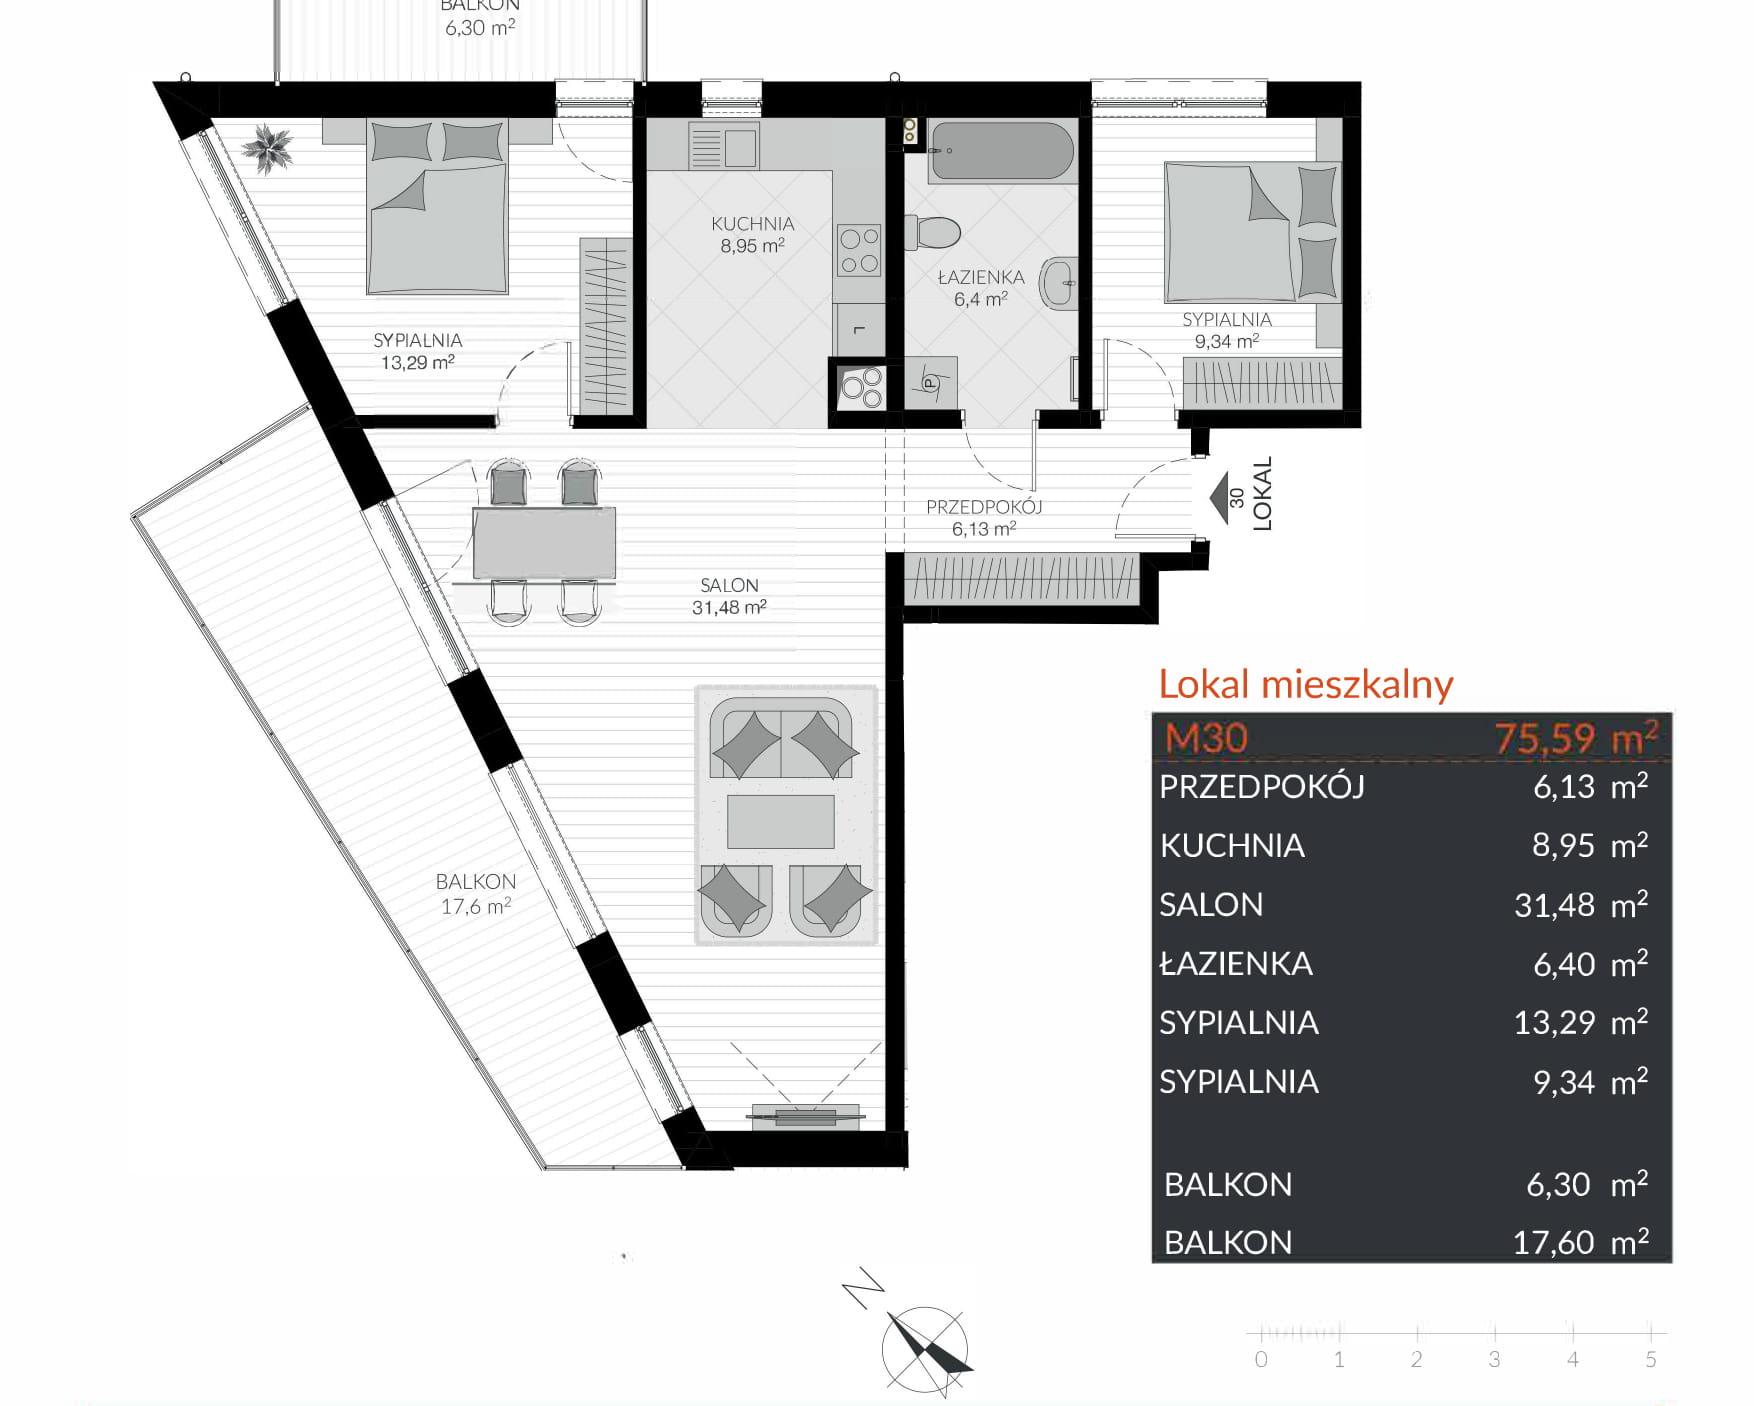 Apartamenty Kamienna / apartamenty inwestycyjne M30 rzut 1